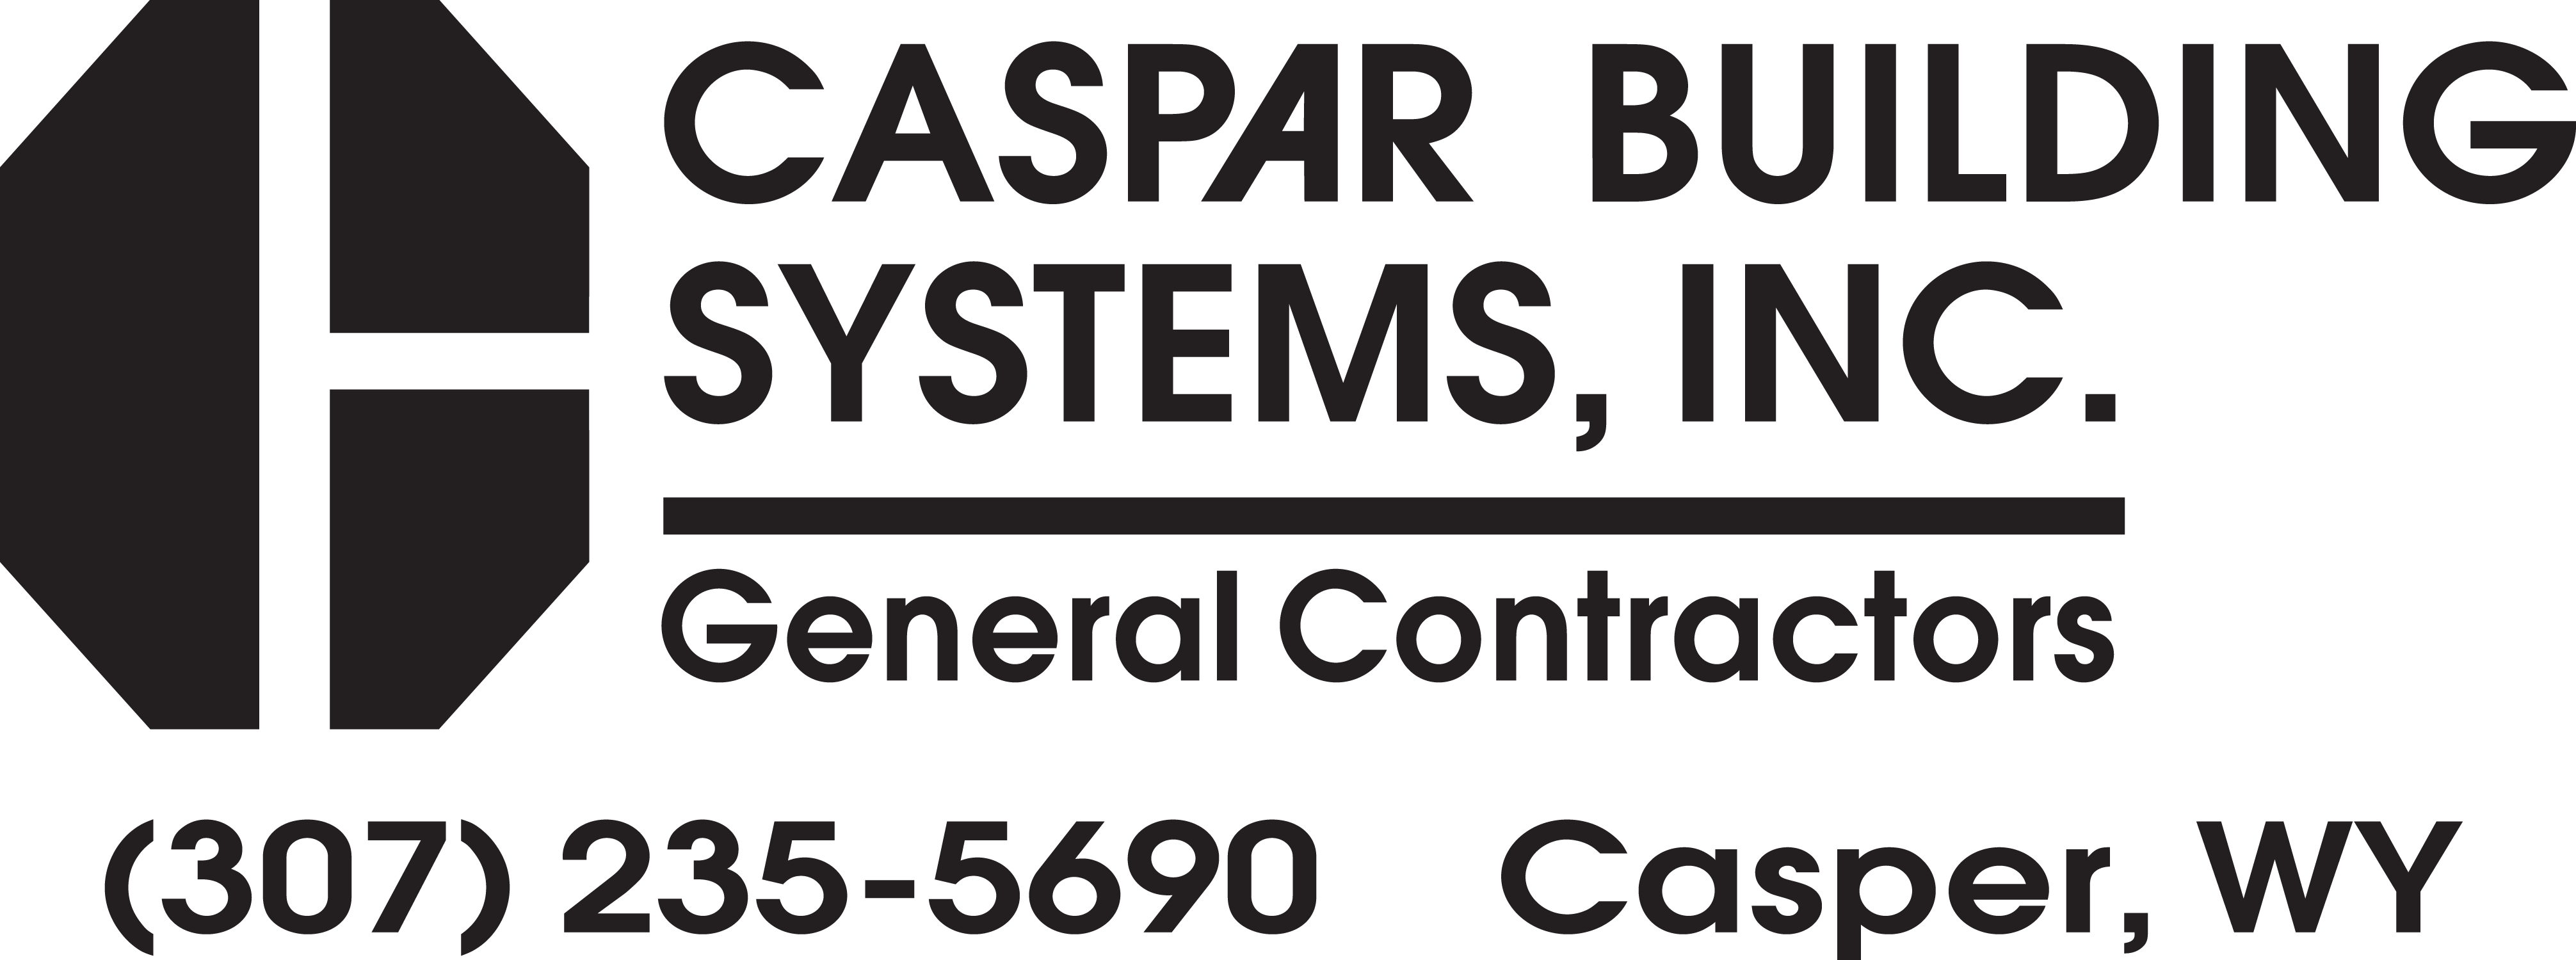 Caspar Building Systems saves $12,000 a year with ClockShark